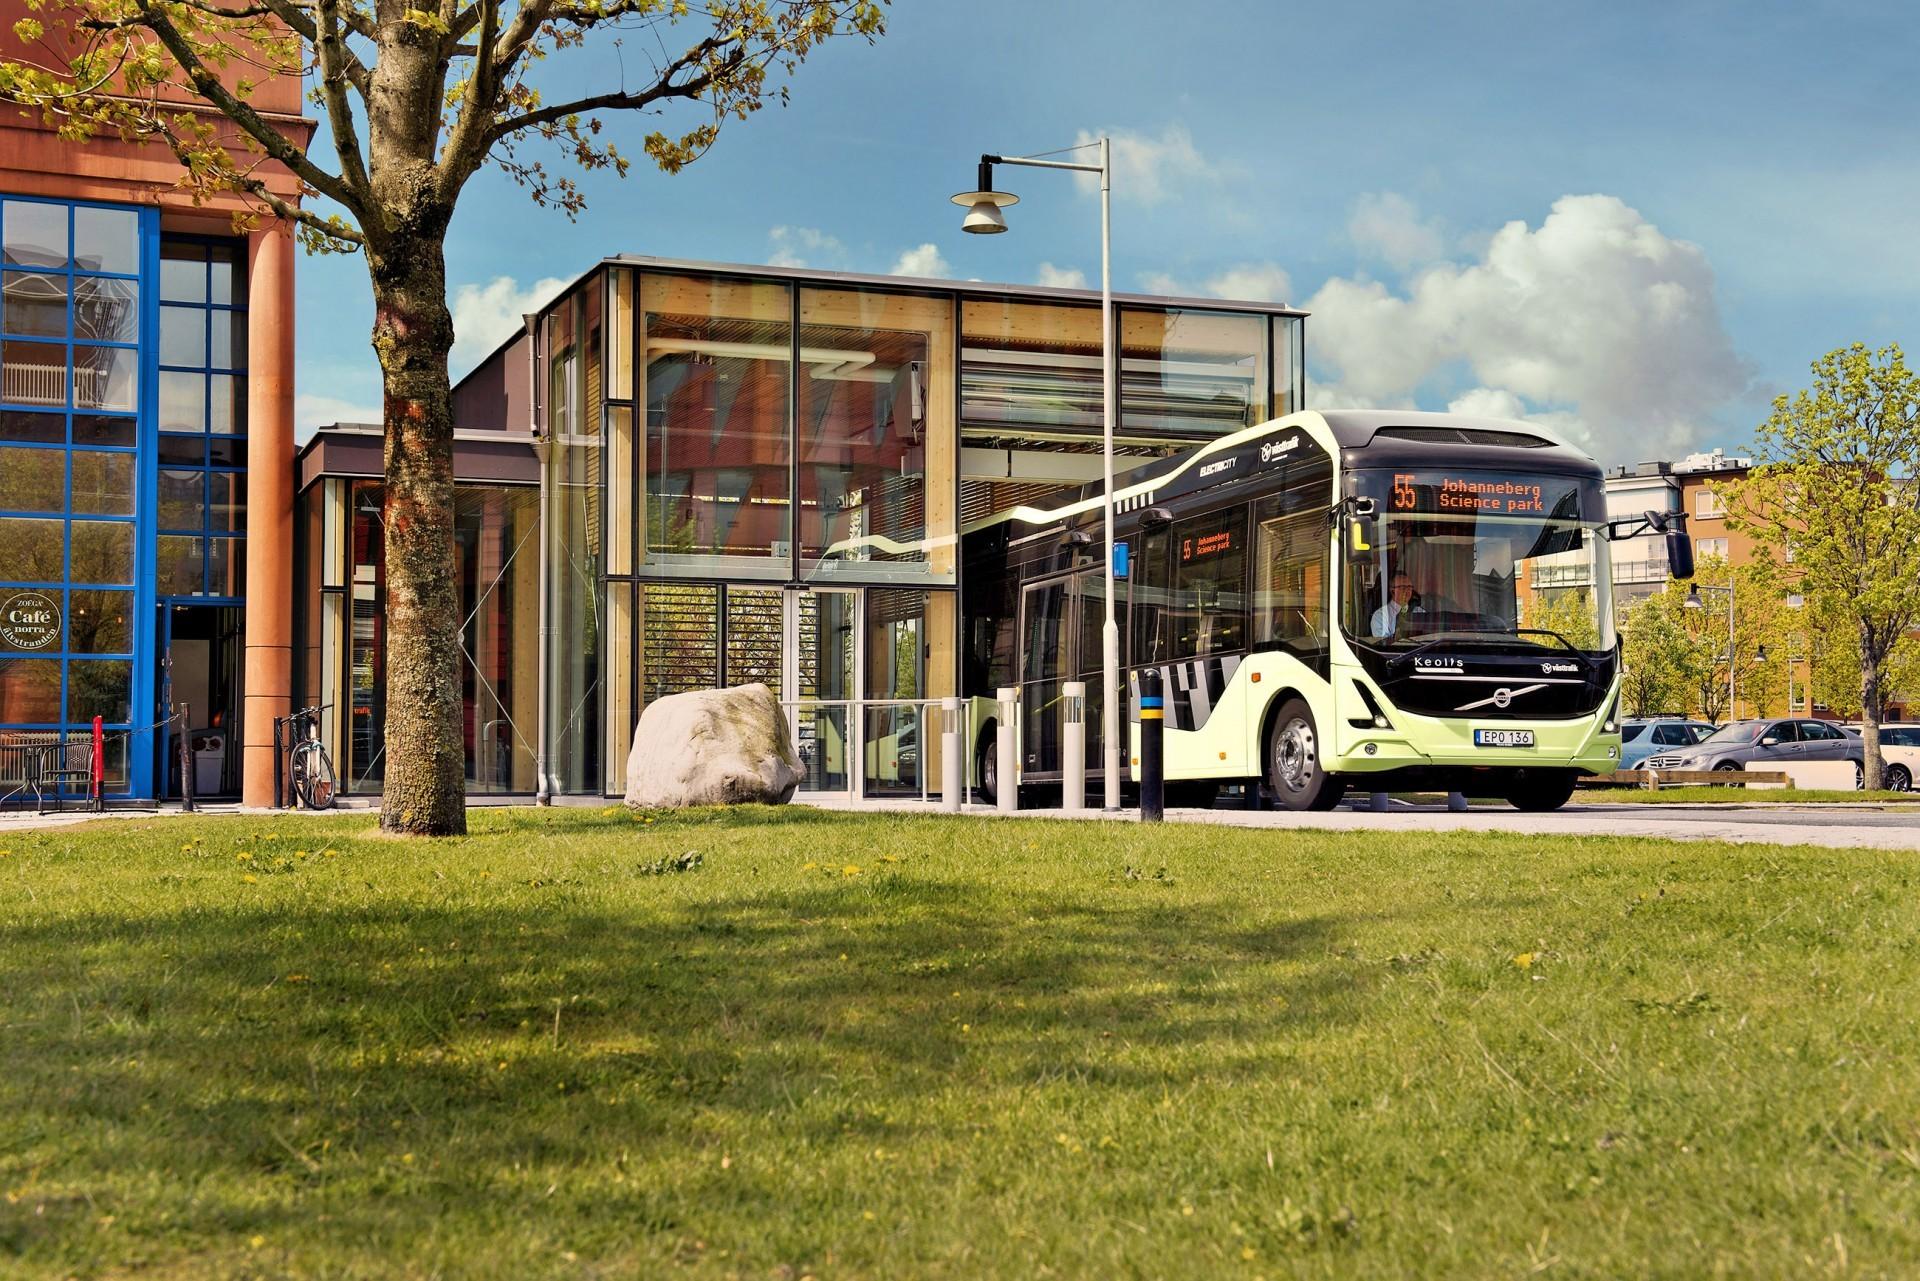 Cílem programu ElectriCity, který rozvíjejí ve Švédském Göteborgu, je udržitelná doprava.